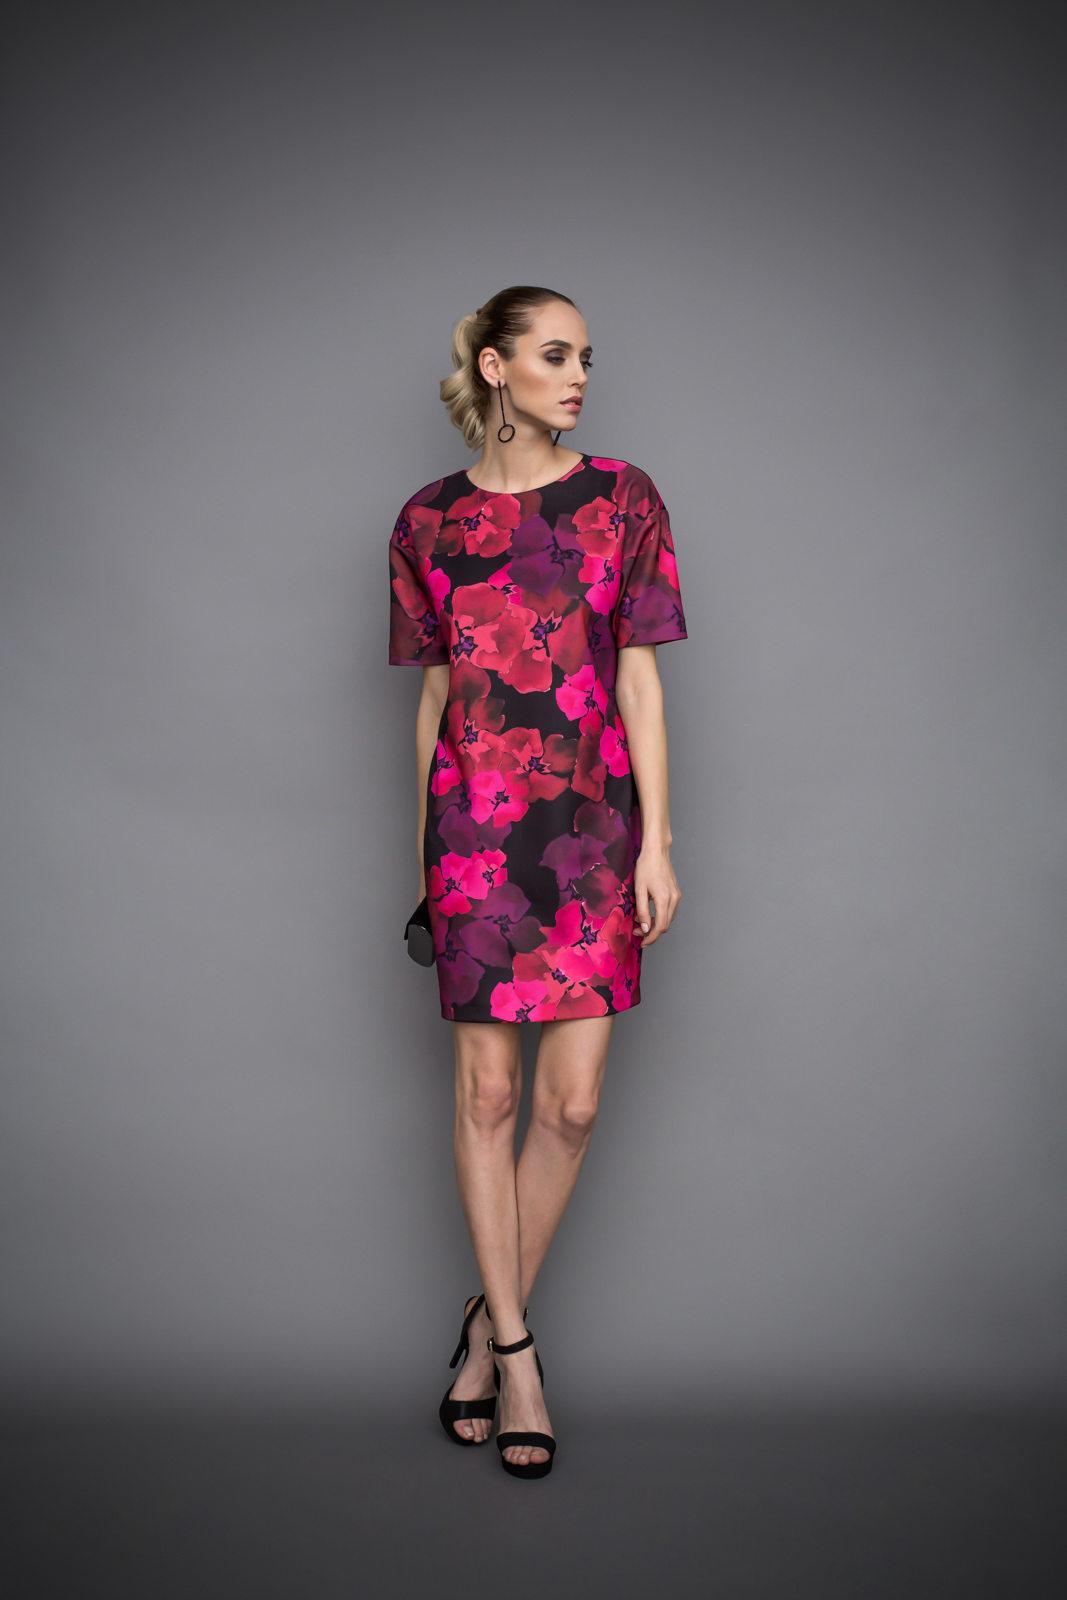 Rochie mini cu imprimeu floral Imprimeu